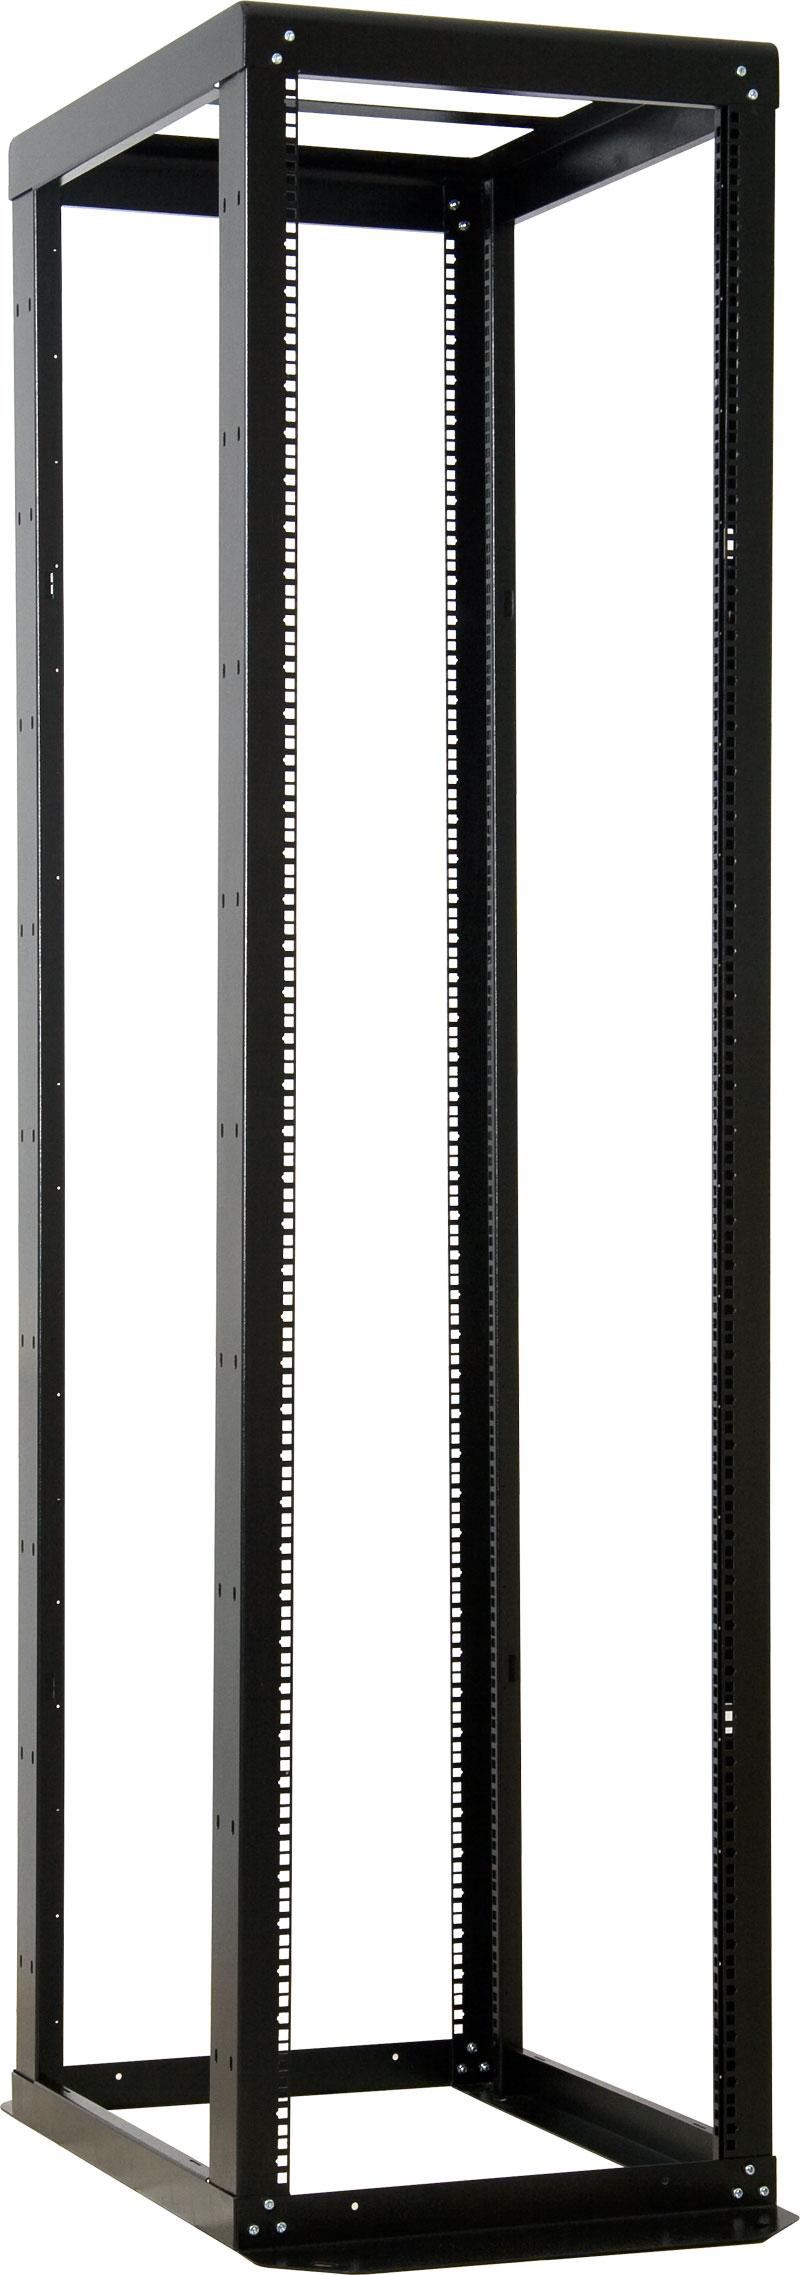 Купить Стойка телекоммуникационная серверная двухрамная iCA Equipment 45U.750